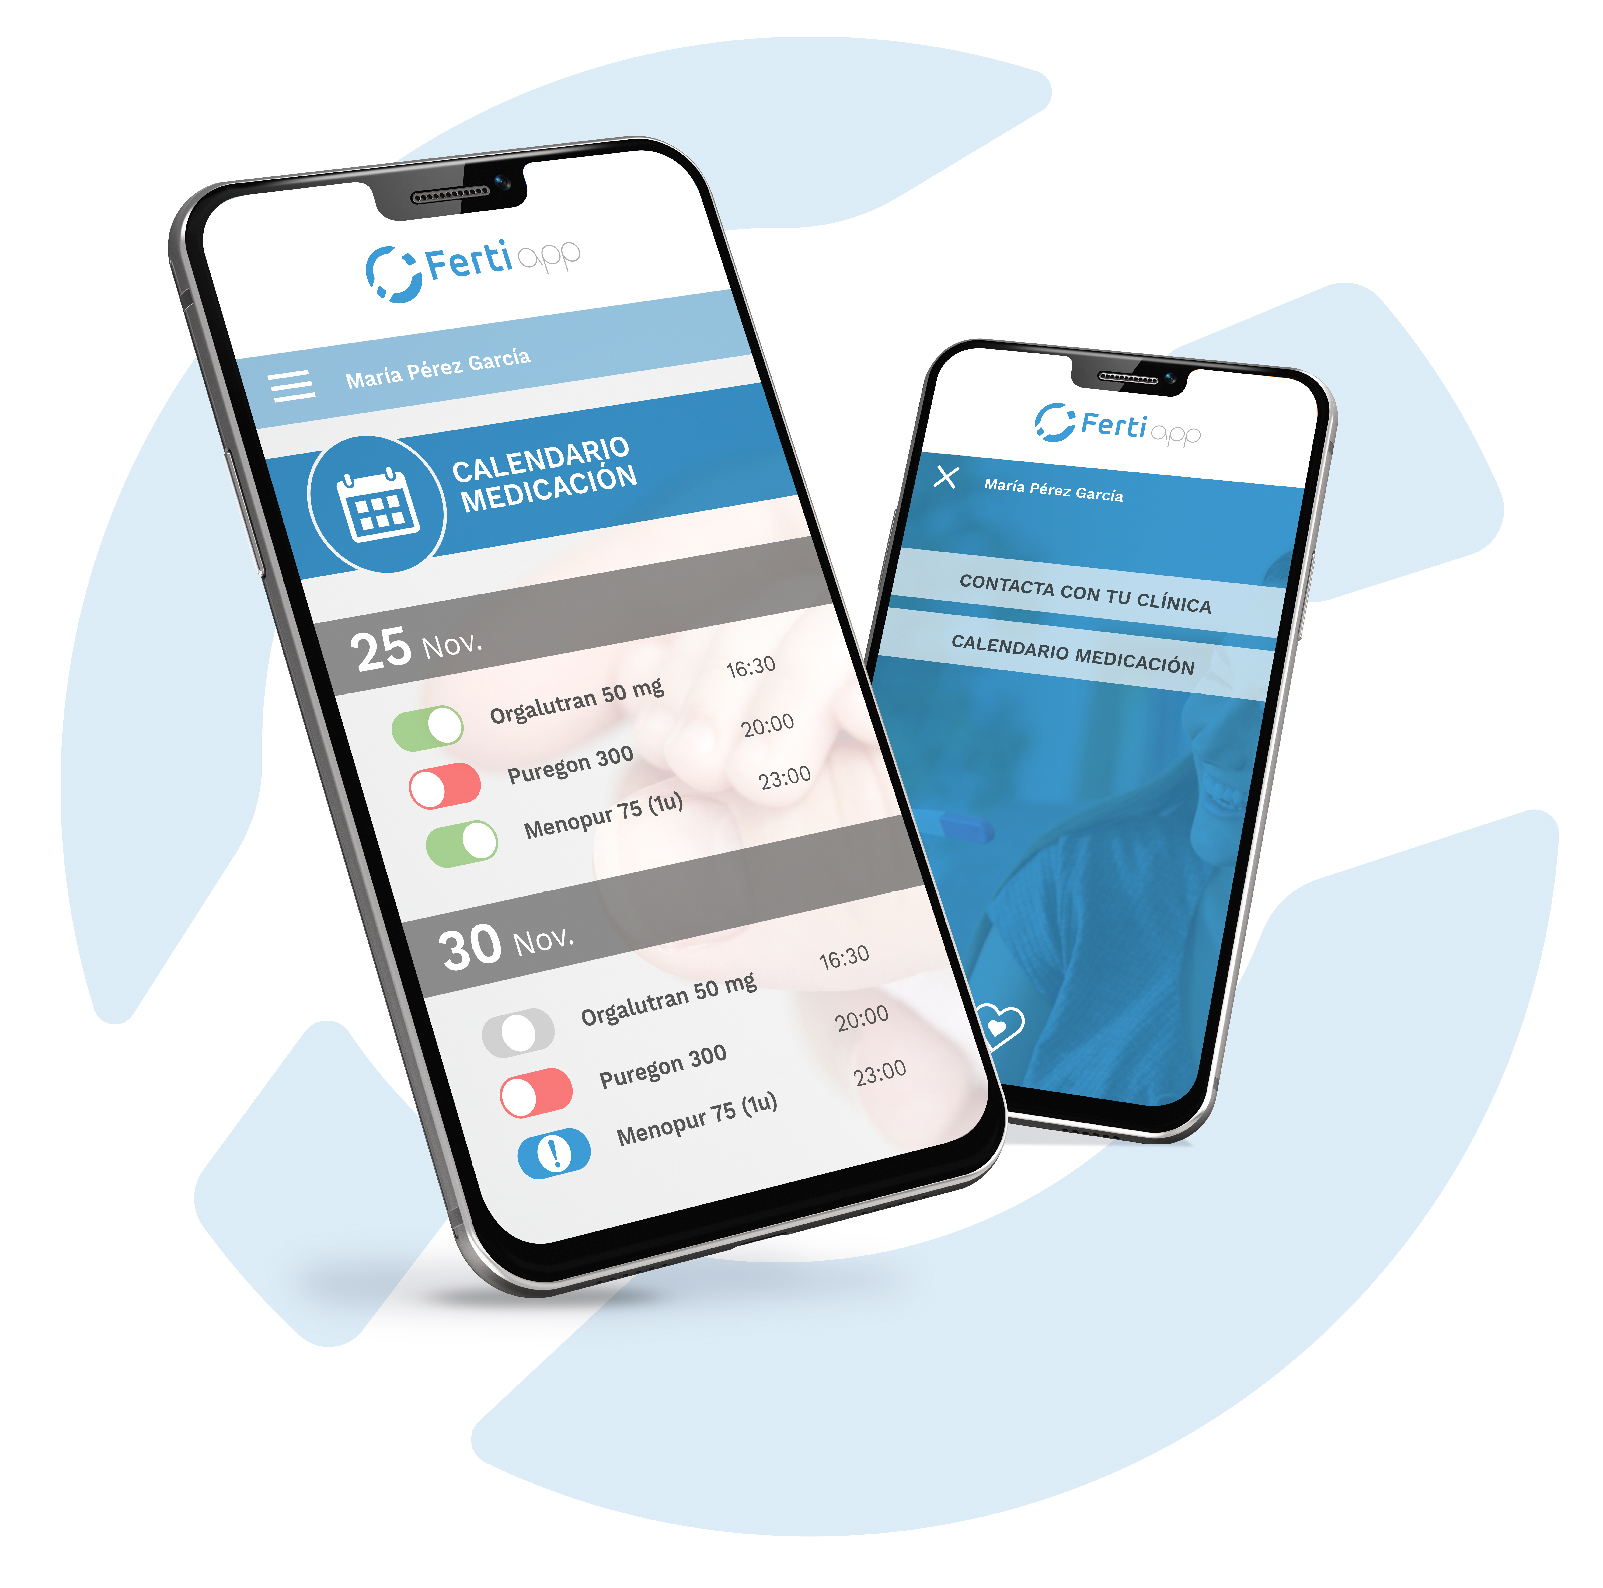 Fertiapp: imagen del funcionamiento de la app en un smartphone